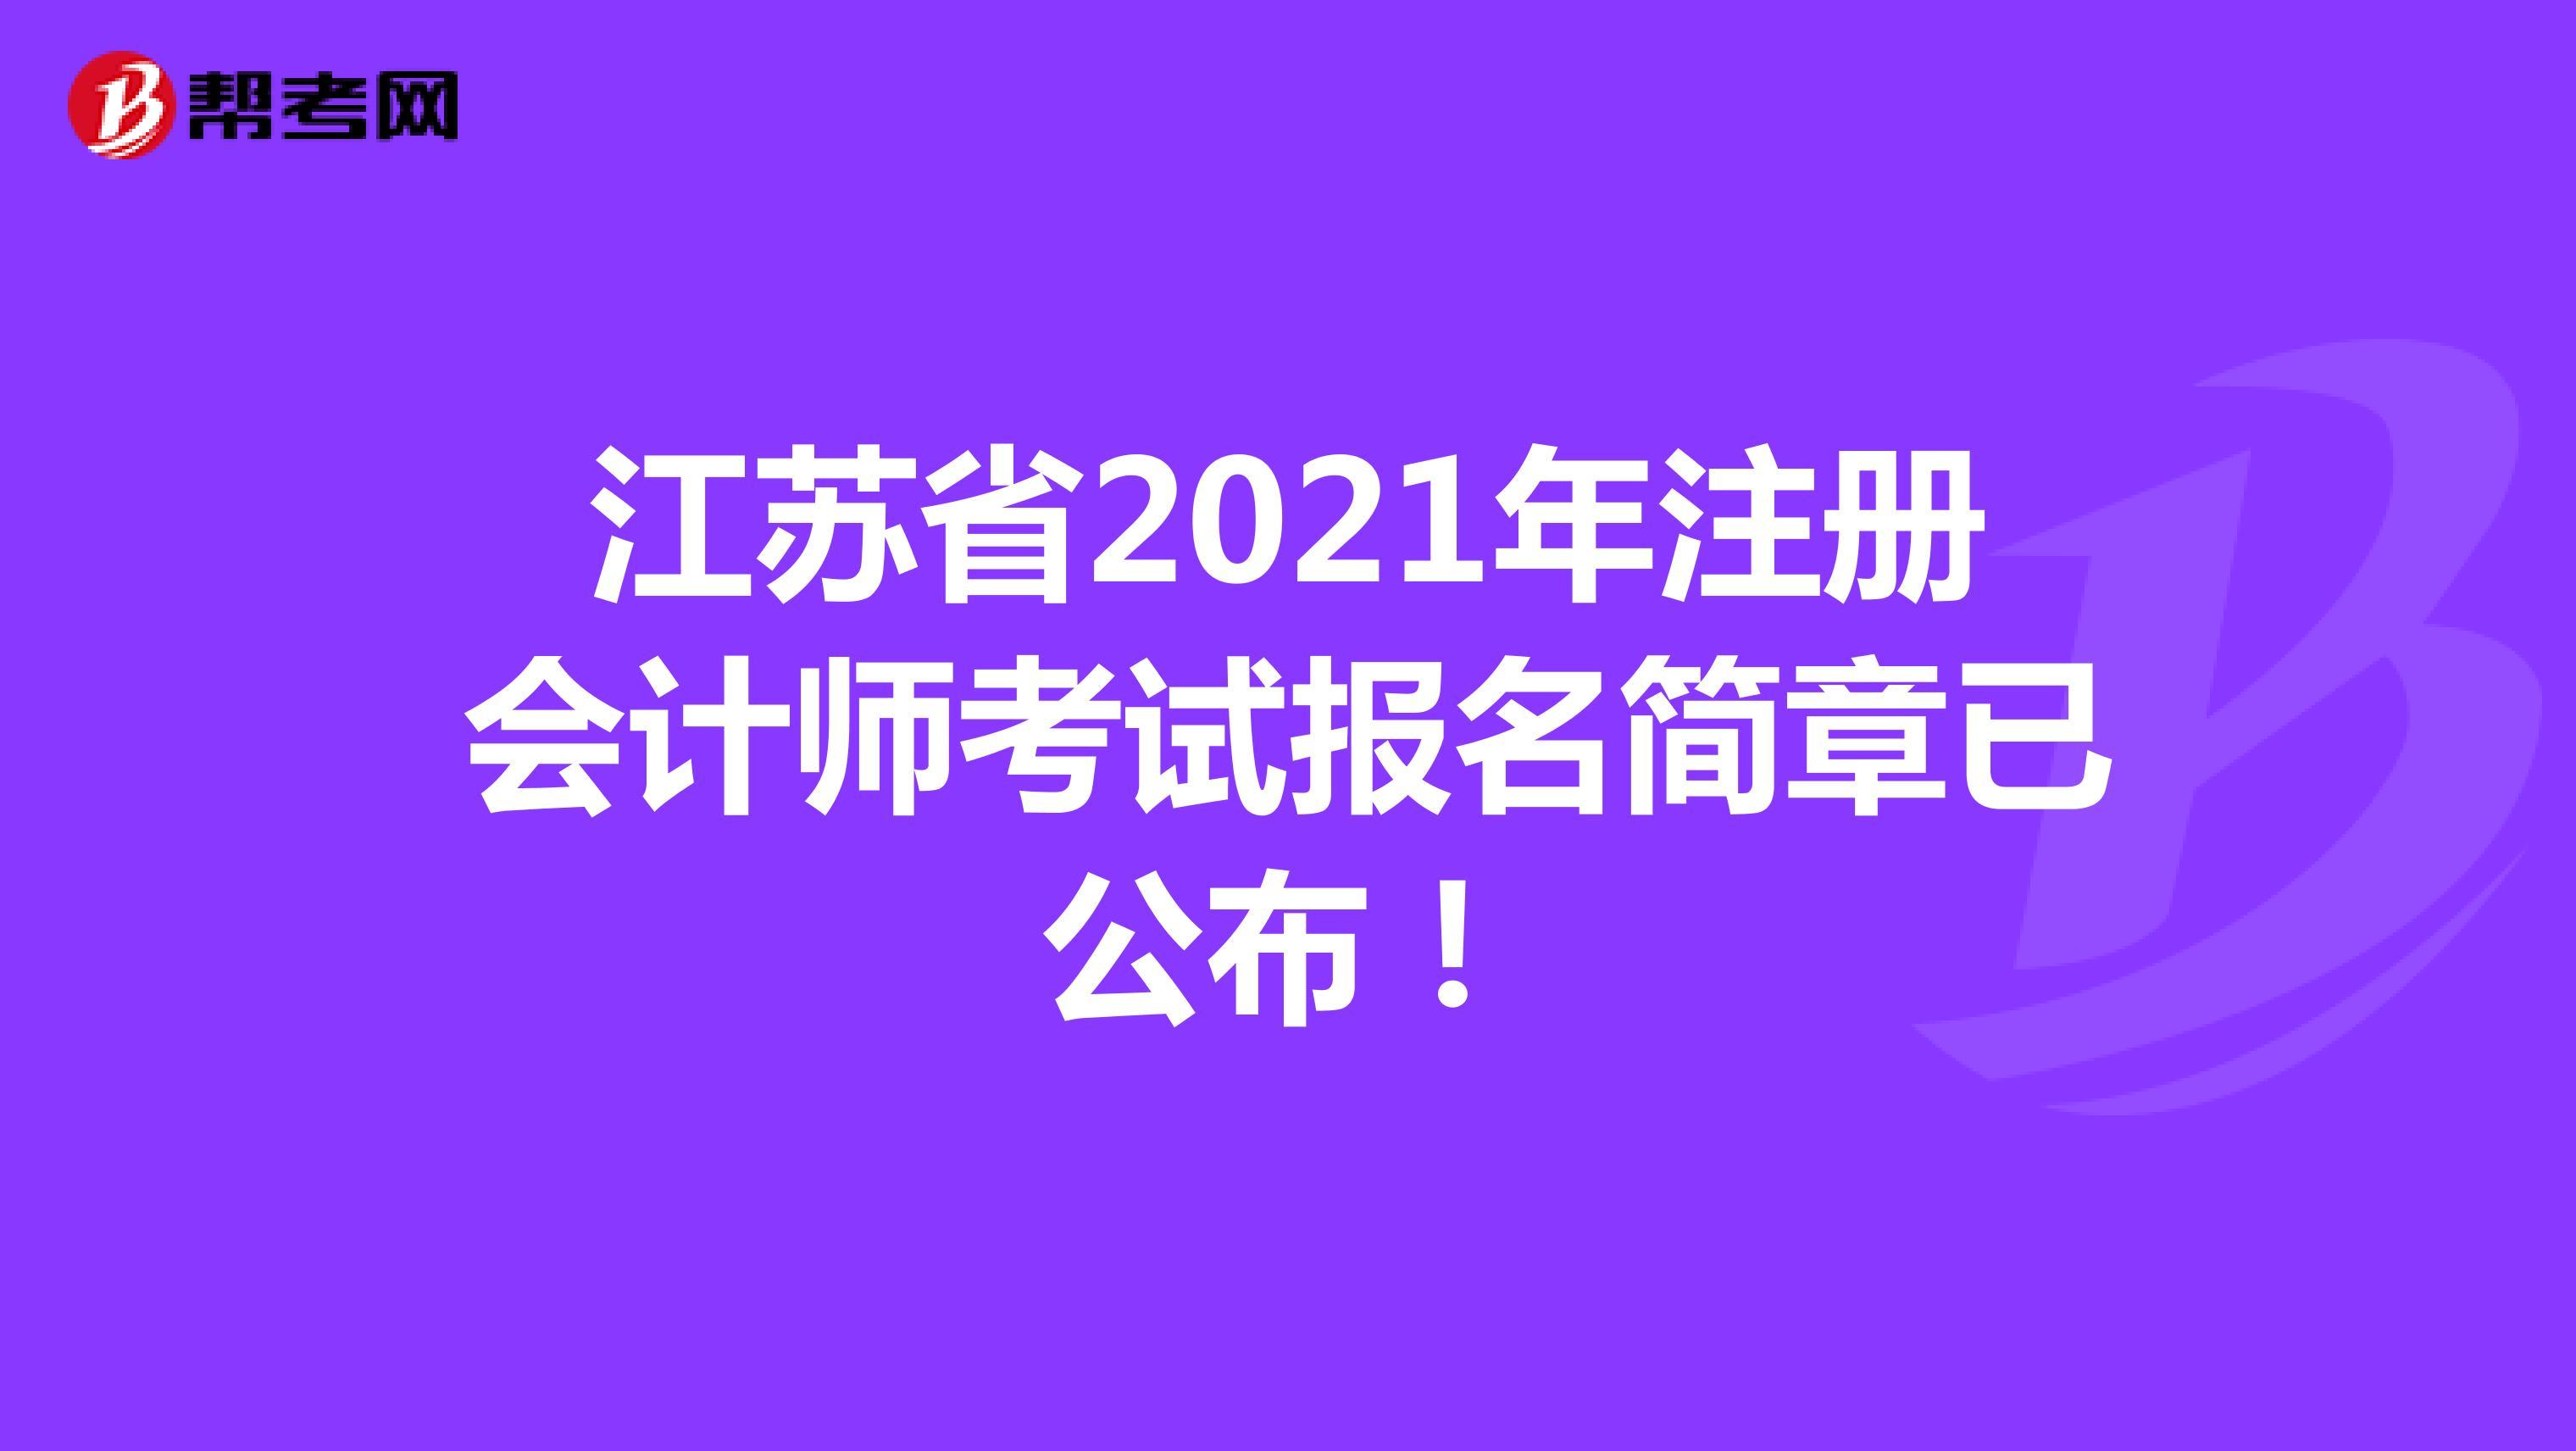 江蘇省2021年注冊會計師考試報名簡章已公布!